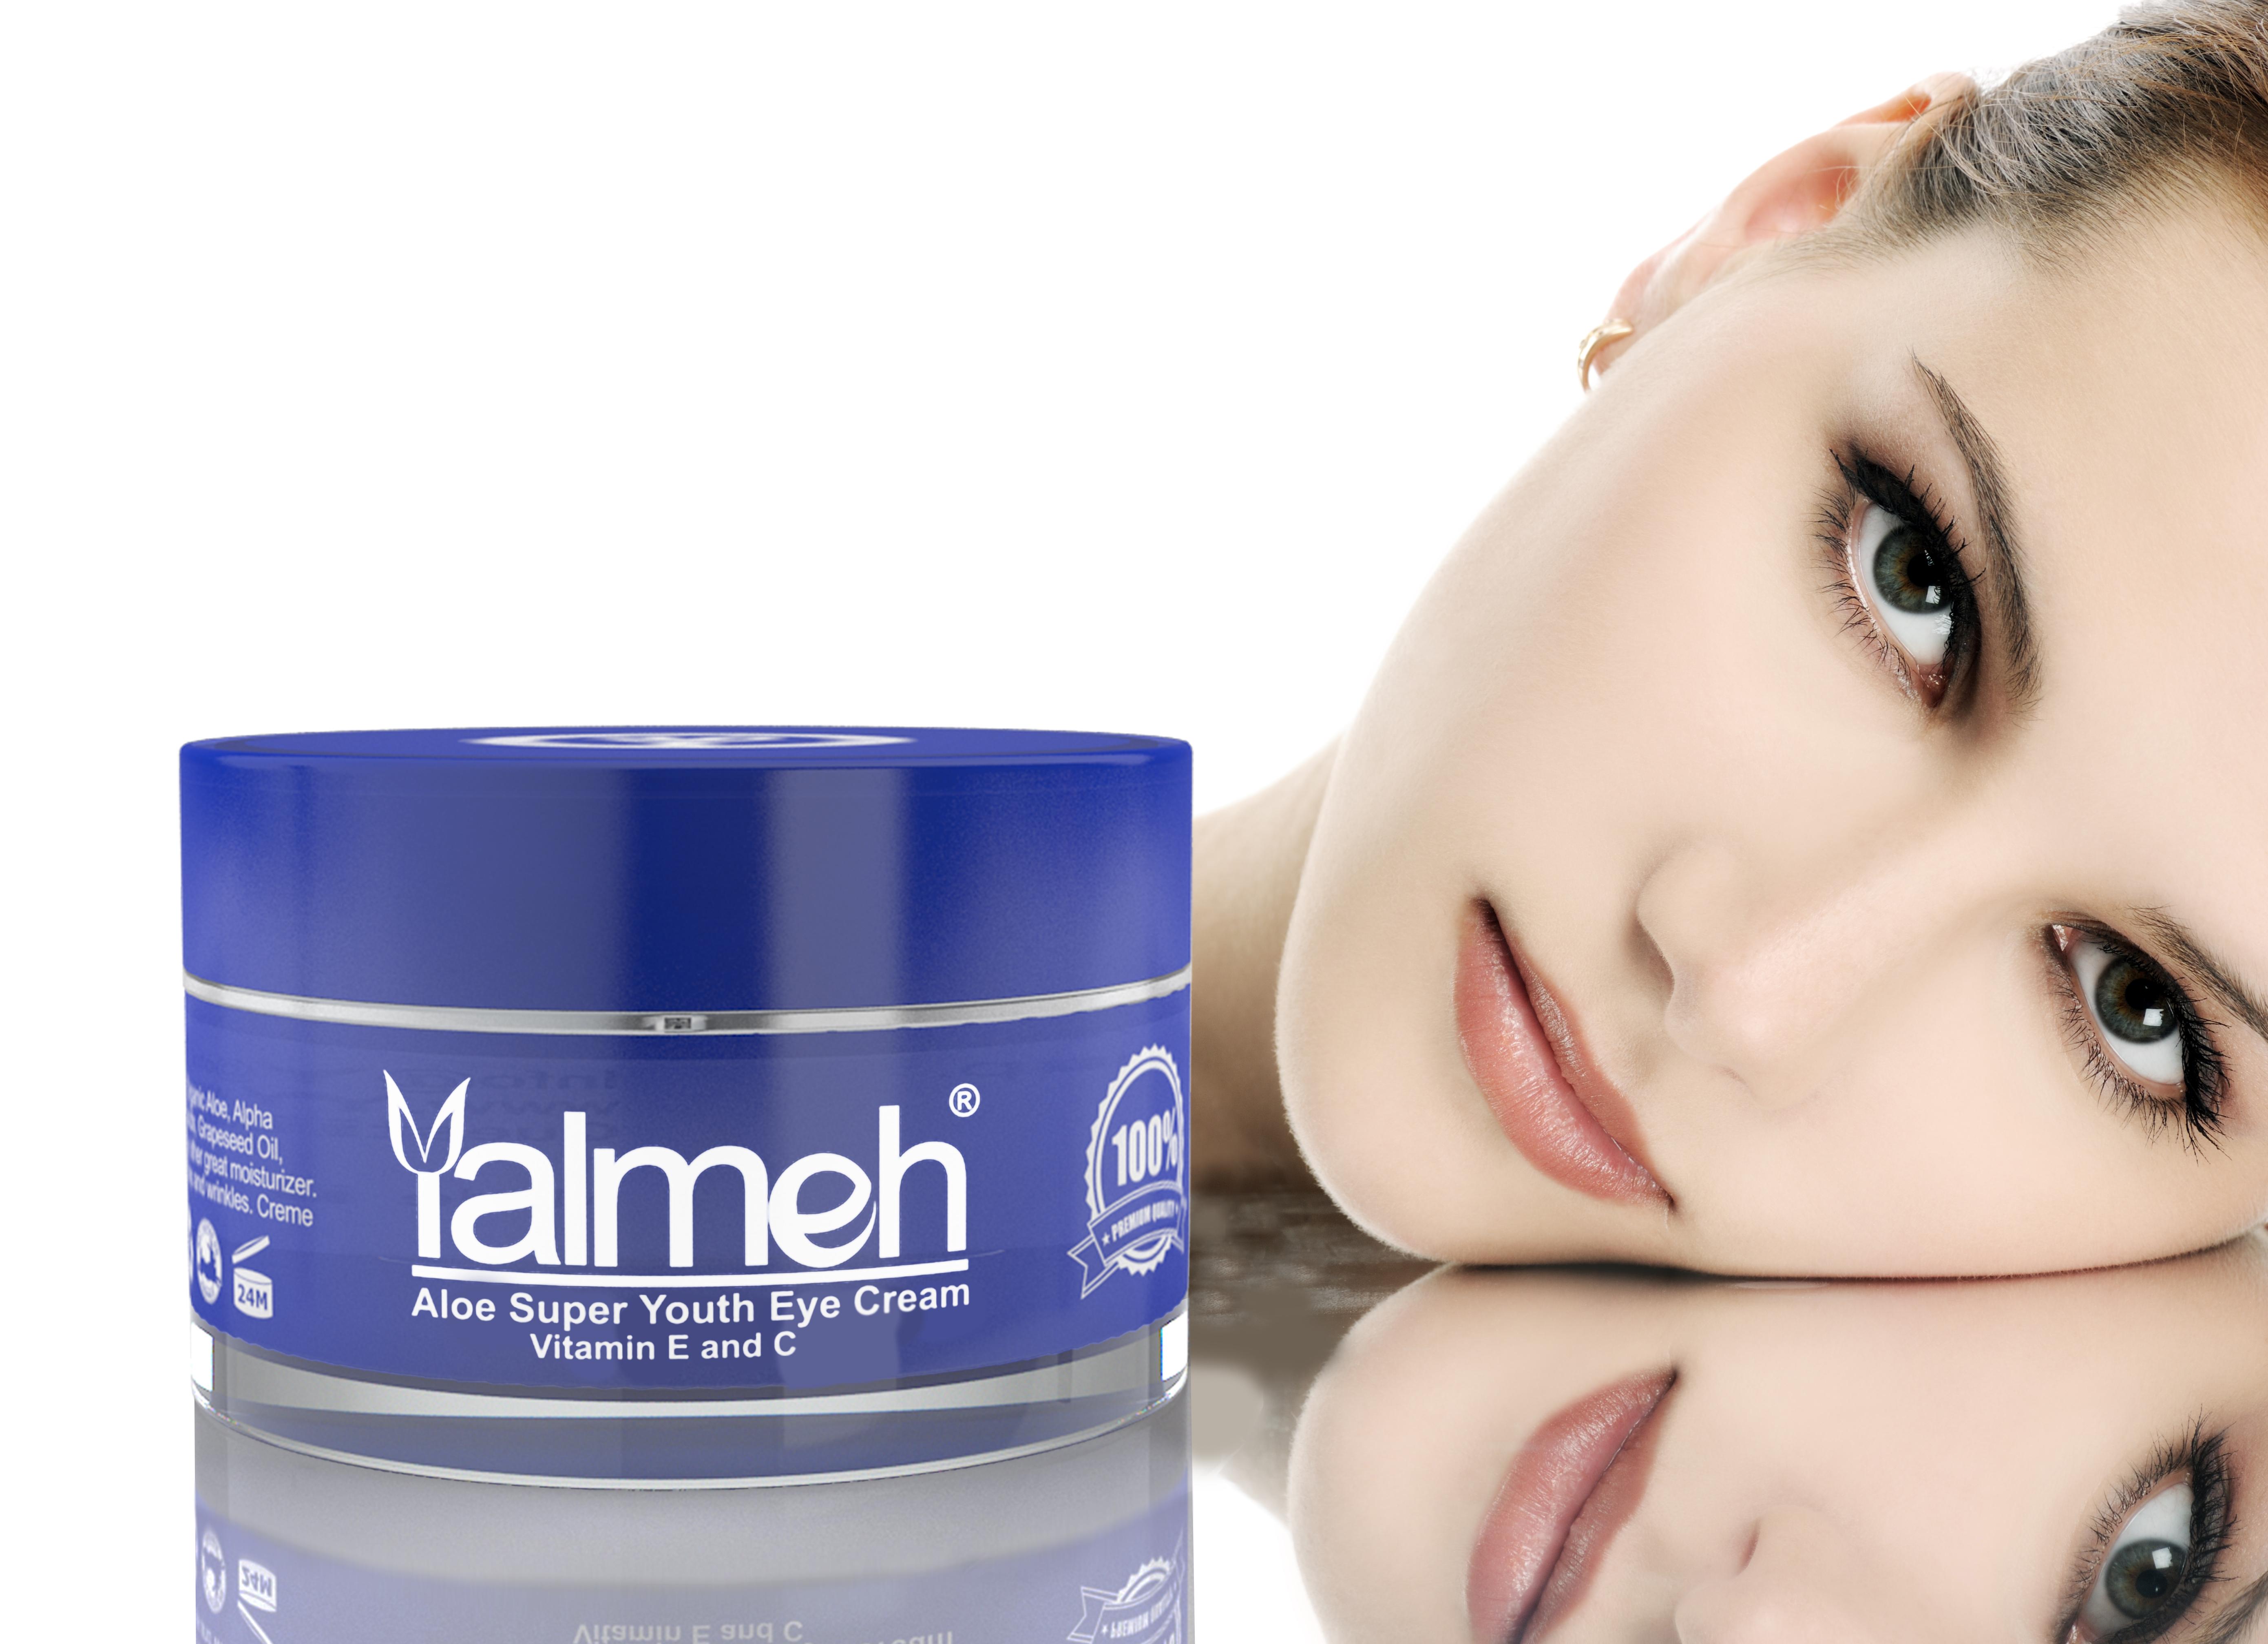 Yalmeh Super Youth Eye Cream #eyecream30USA